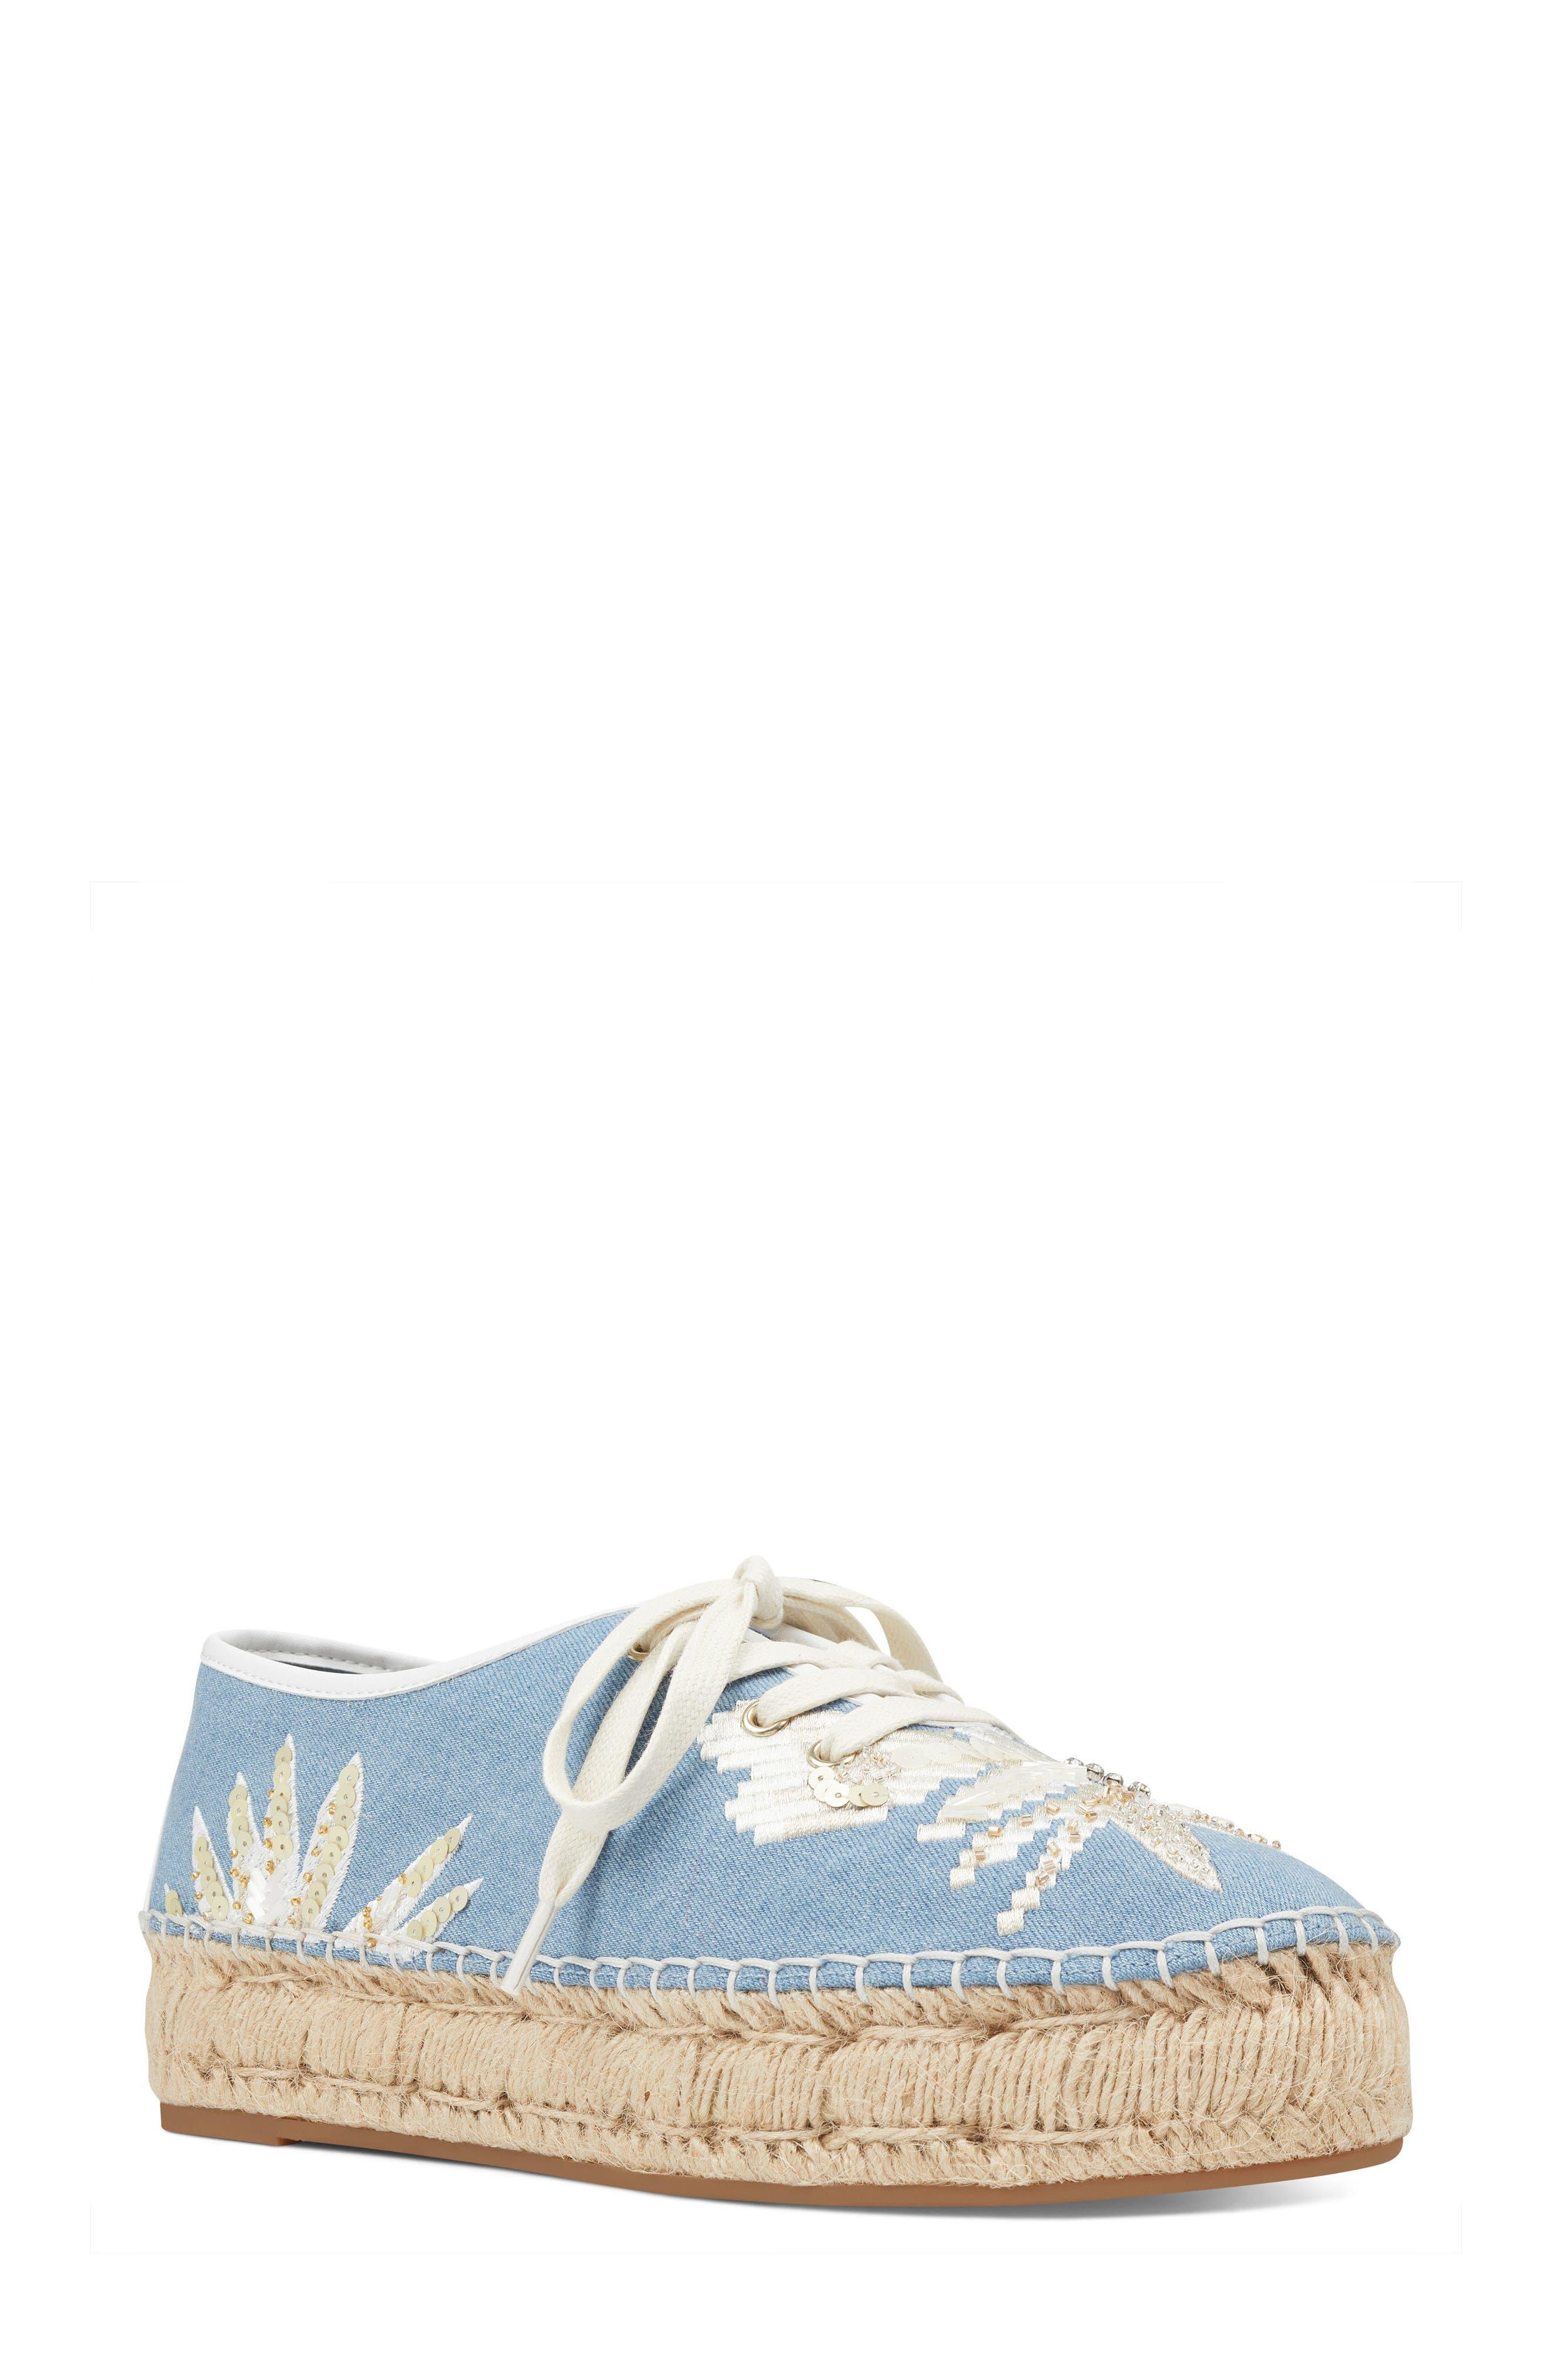 Guinup Embellished Espadrille Sneaker,                         Main,                         color, Light Blue/ White Denim